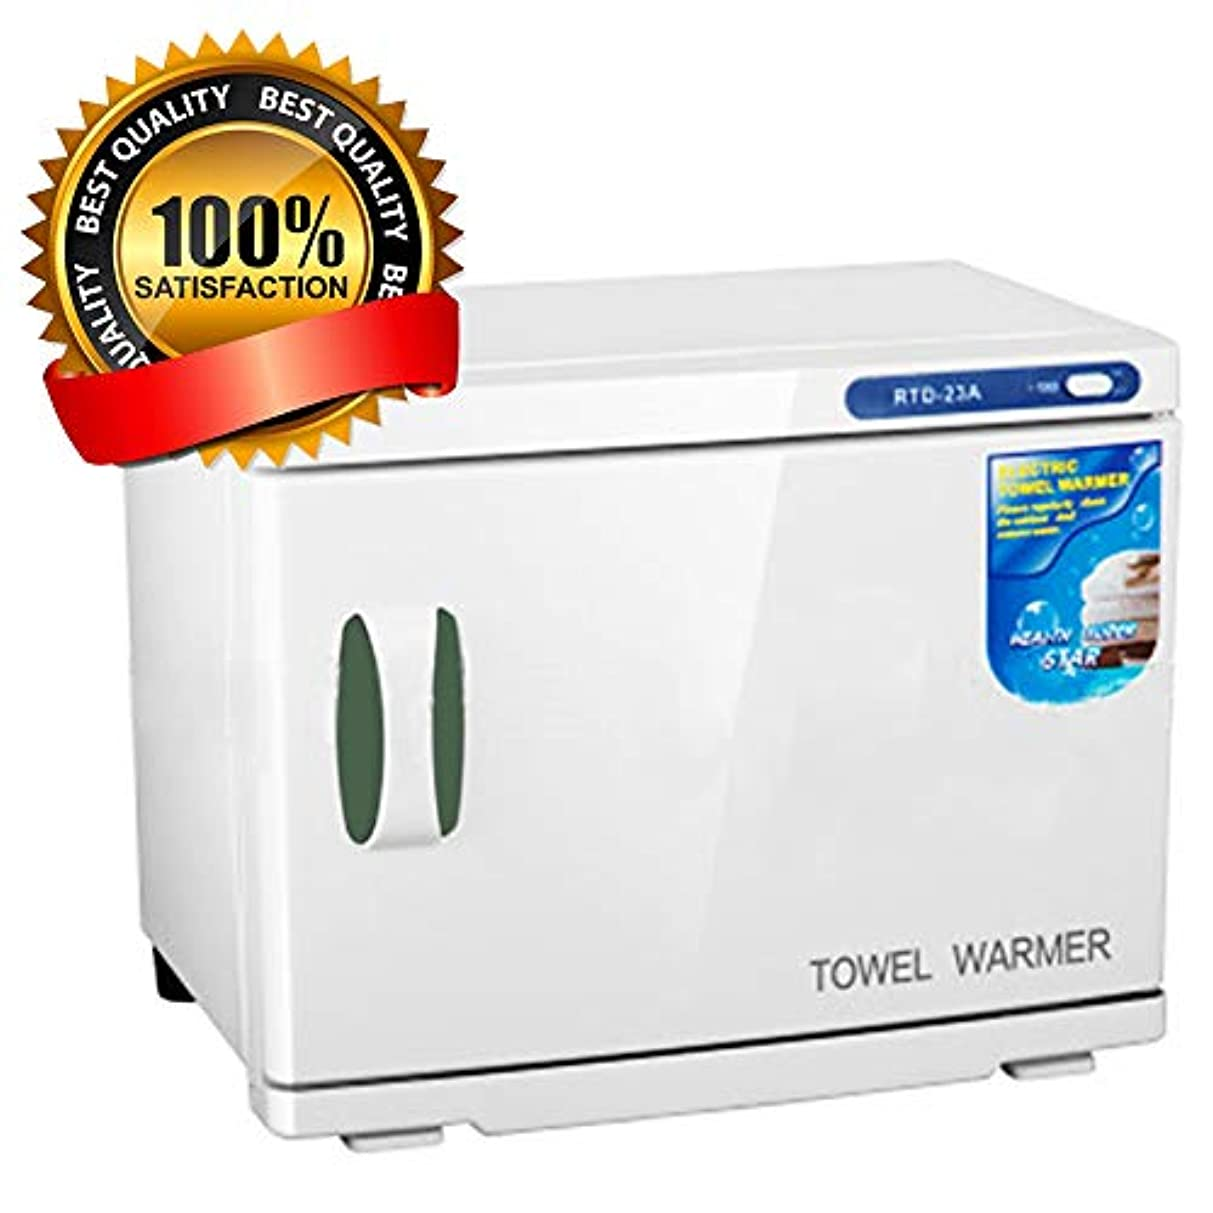 テレマコス飲料認証ホットタオルウォーマー紫外線殺菌キャビネットプロ用機器マッサージ用美容院スパフェイシャル